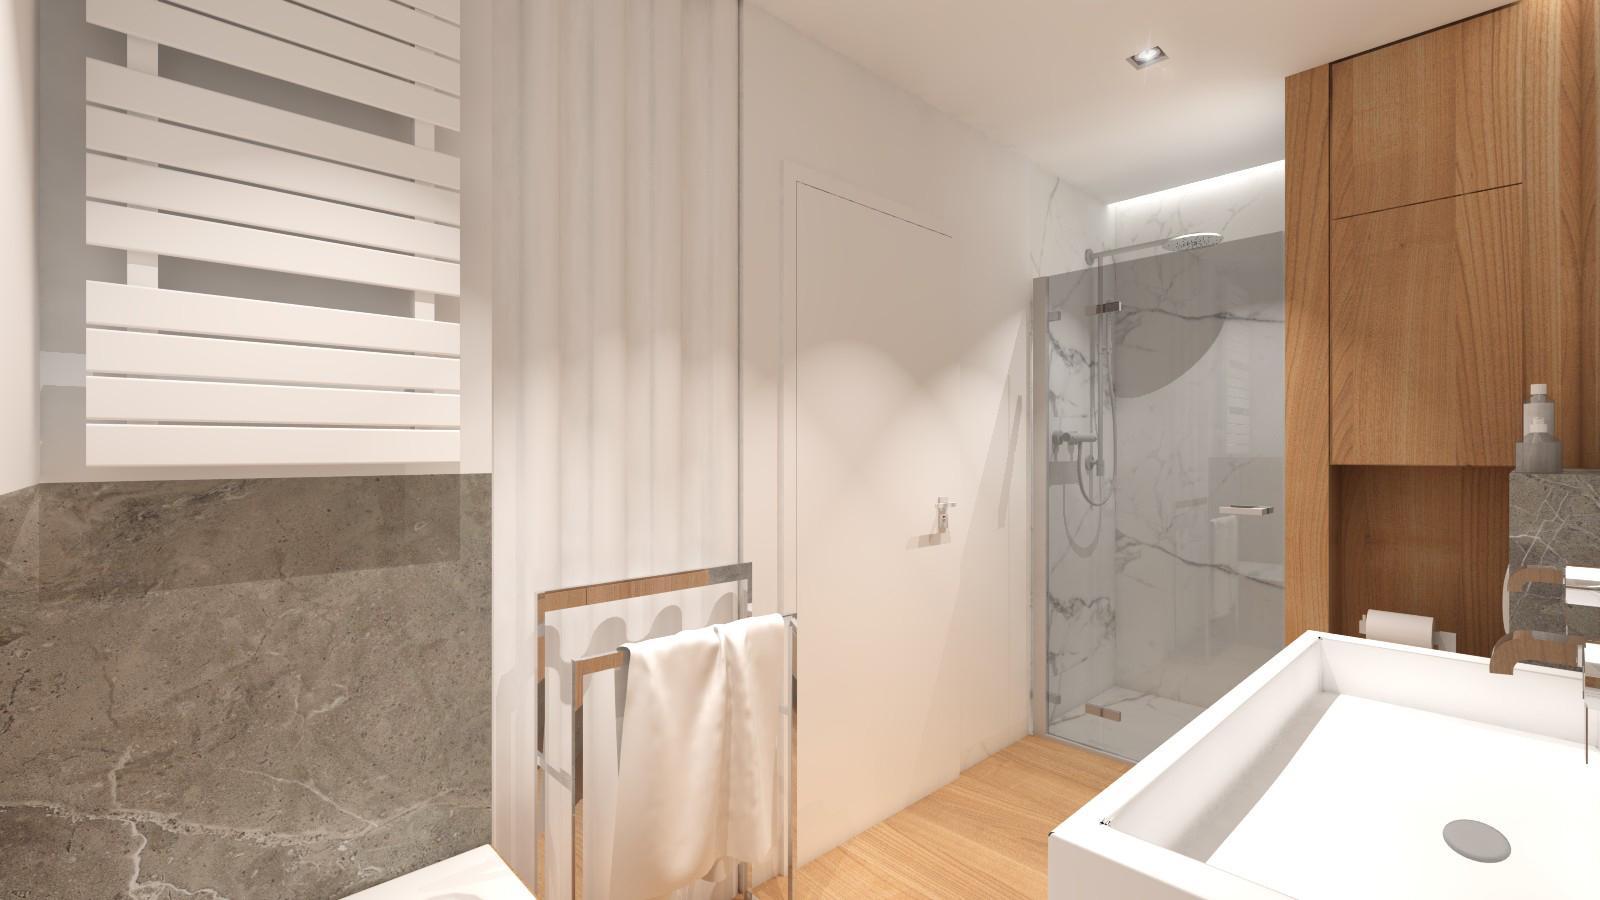 miejsce w łazience na pralkę i suszarkę za zasłoną